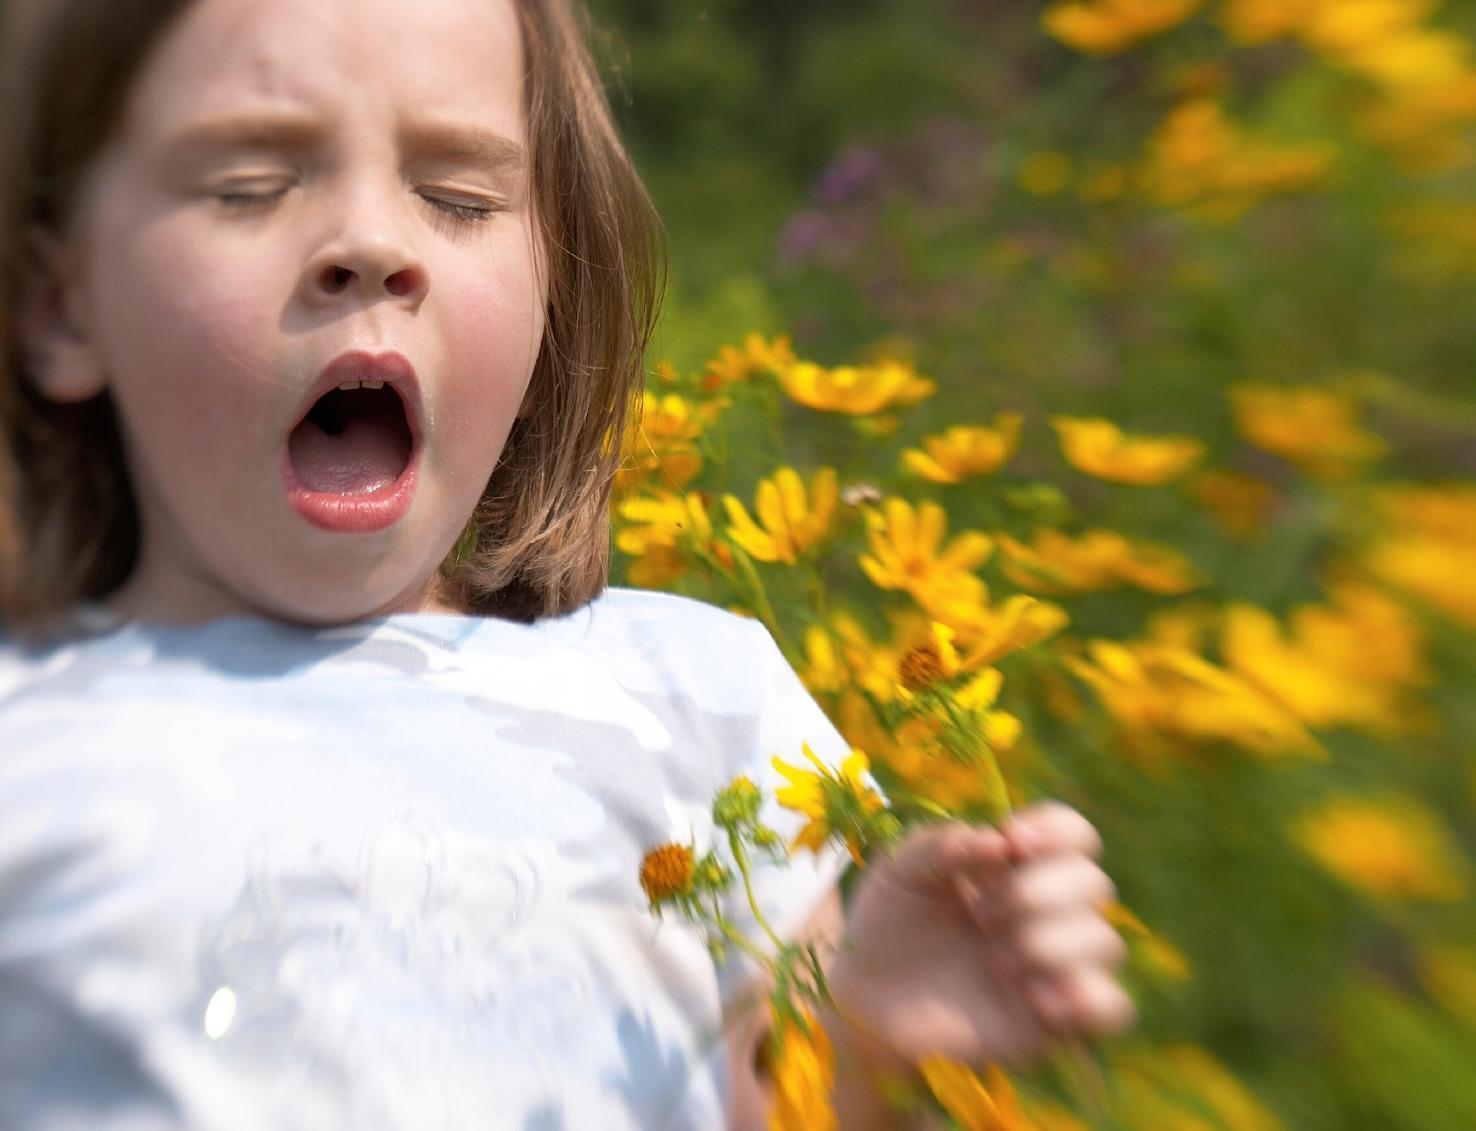 Crianças e Alergia ao Pólen